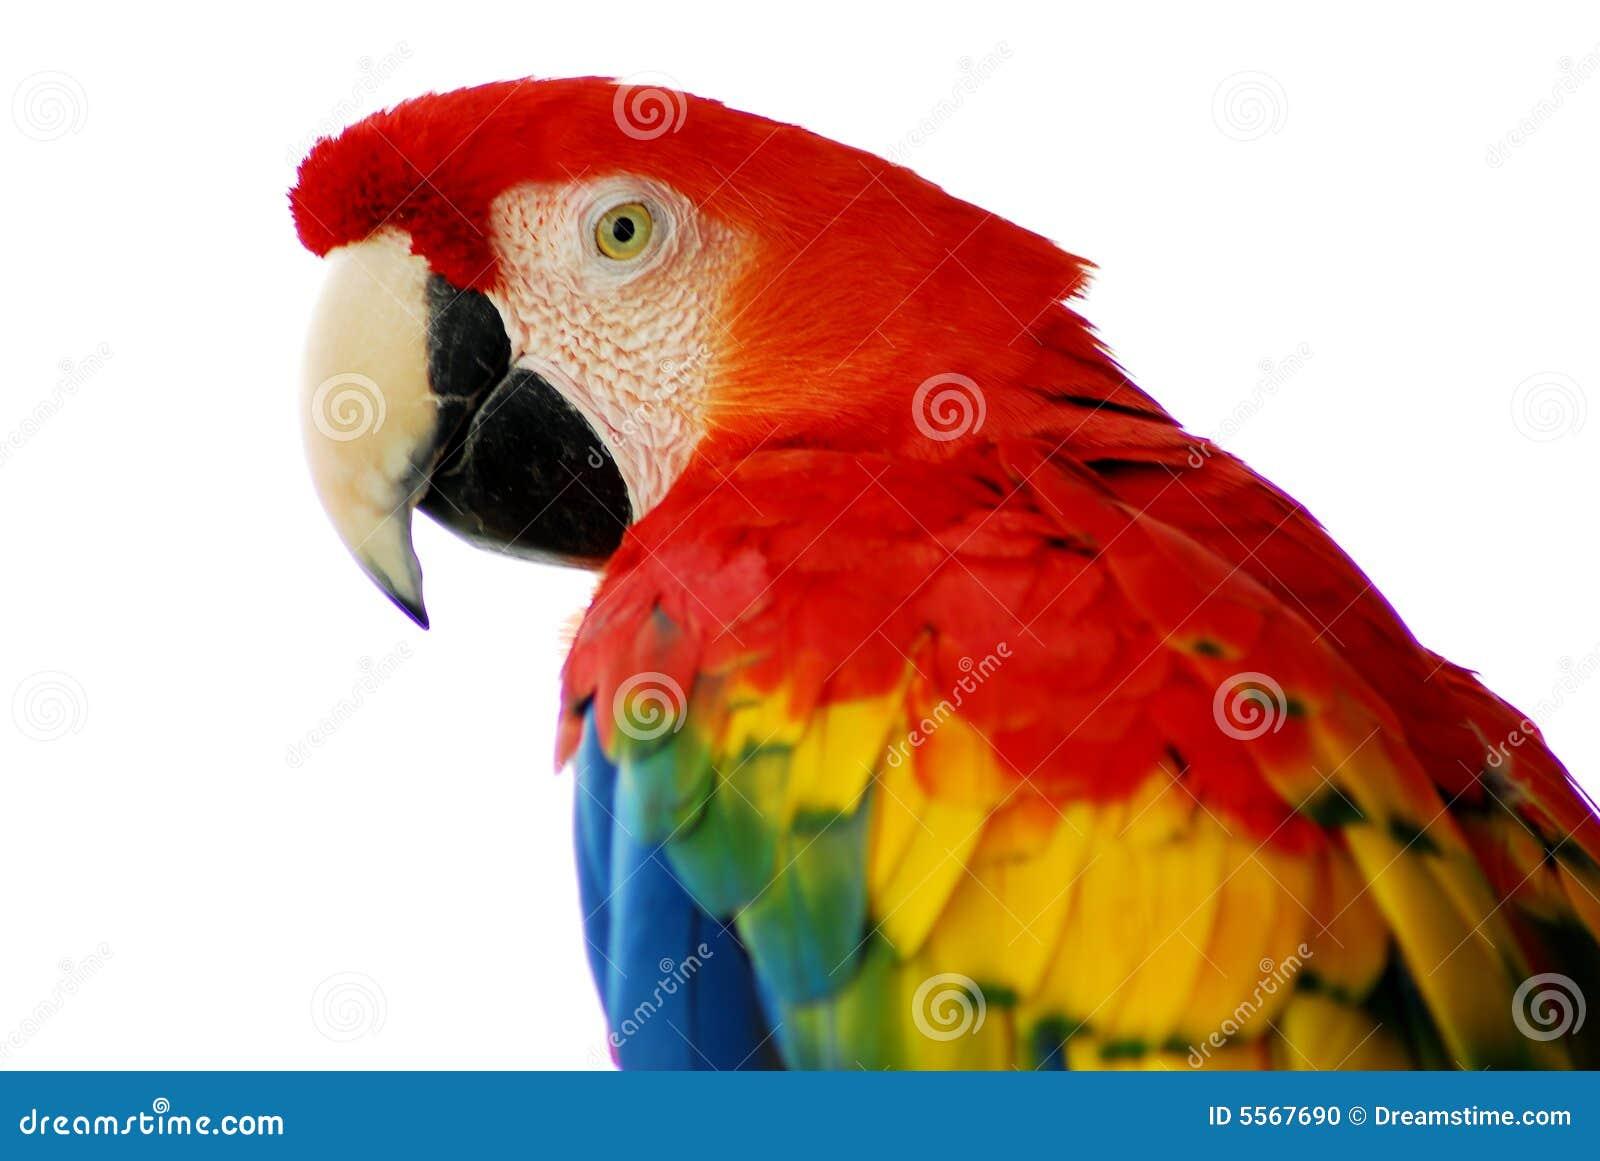 Uccello rosso del Macaw isolato